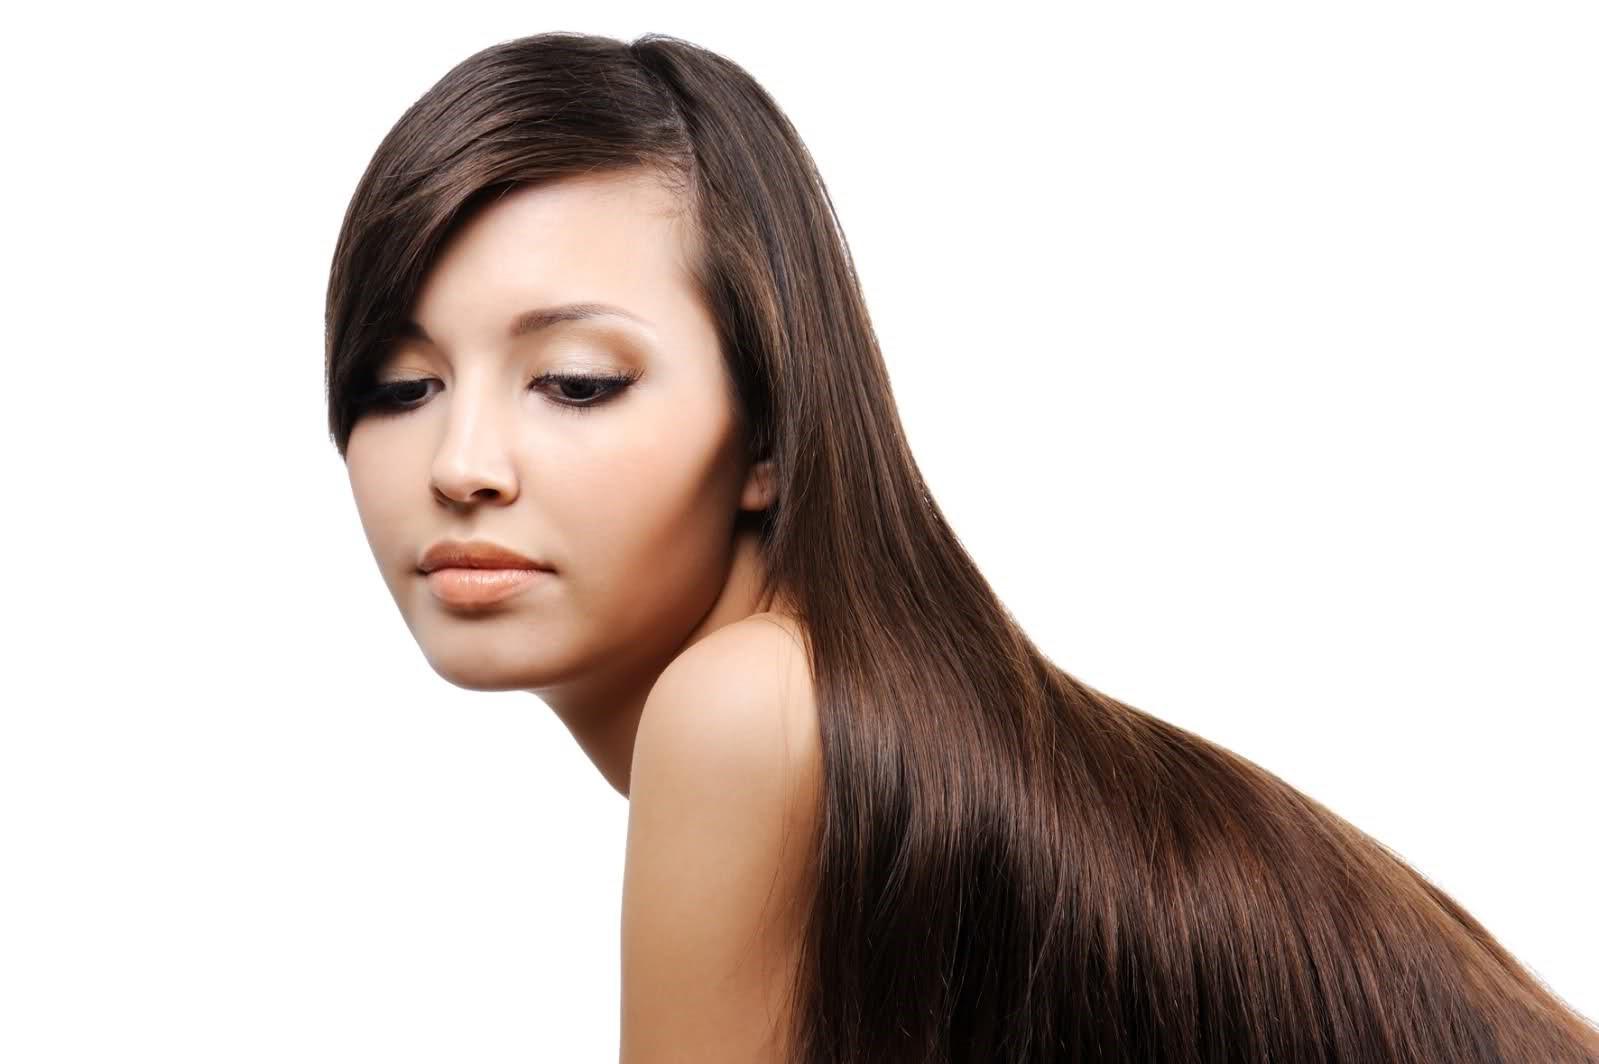 Hacer crecer el cabello, trucos para que el cabello crezca más rápido